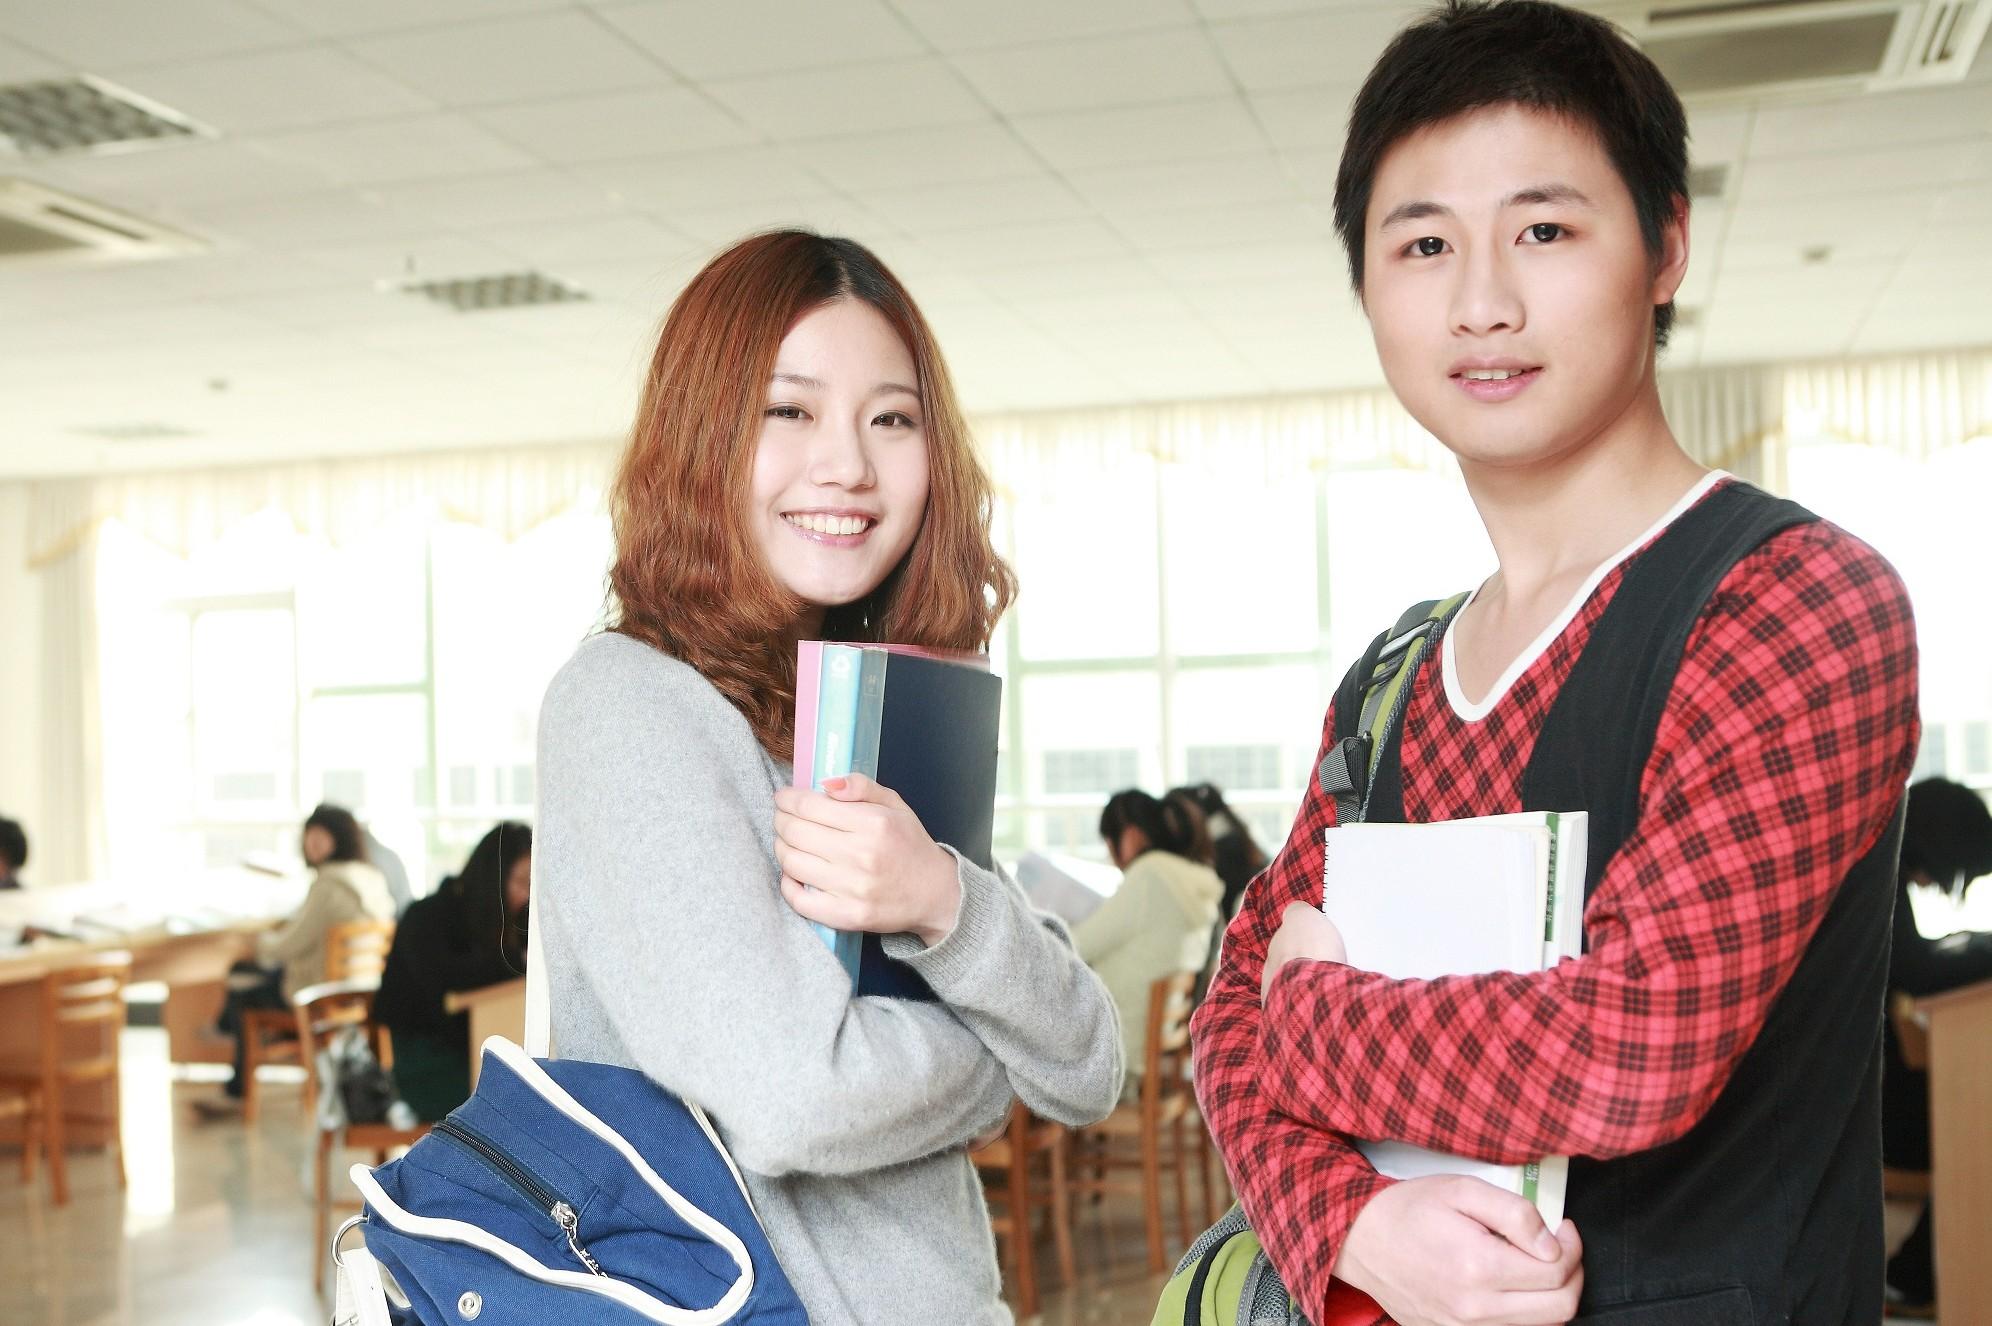 Du học Nhật Bản - Nên chọn ngành nào để có cơ hội ở lại làm việc sau khi tốt nghiệp